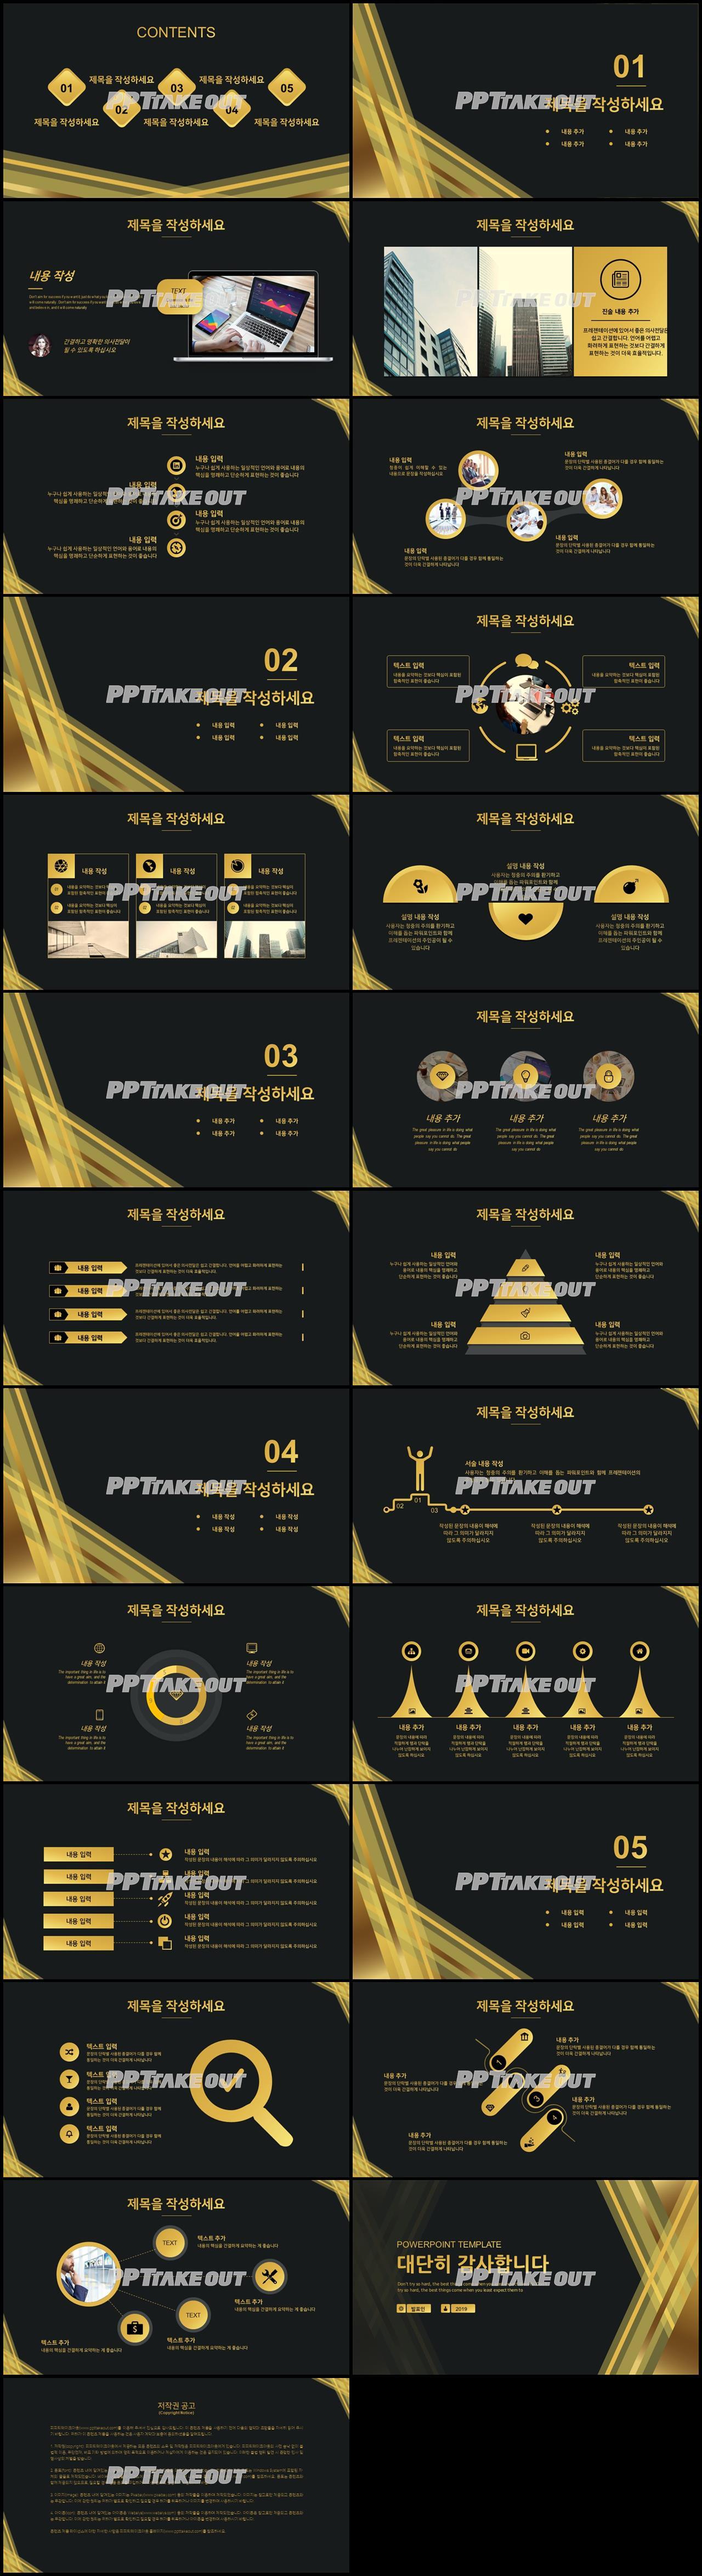 상업계획 노랑색 시크한 고급스럽운 POWERPOINT배경 사이트 상세보기